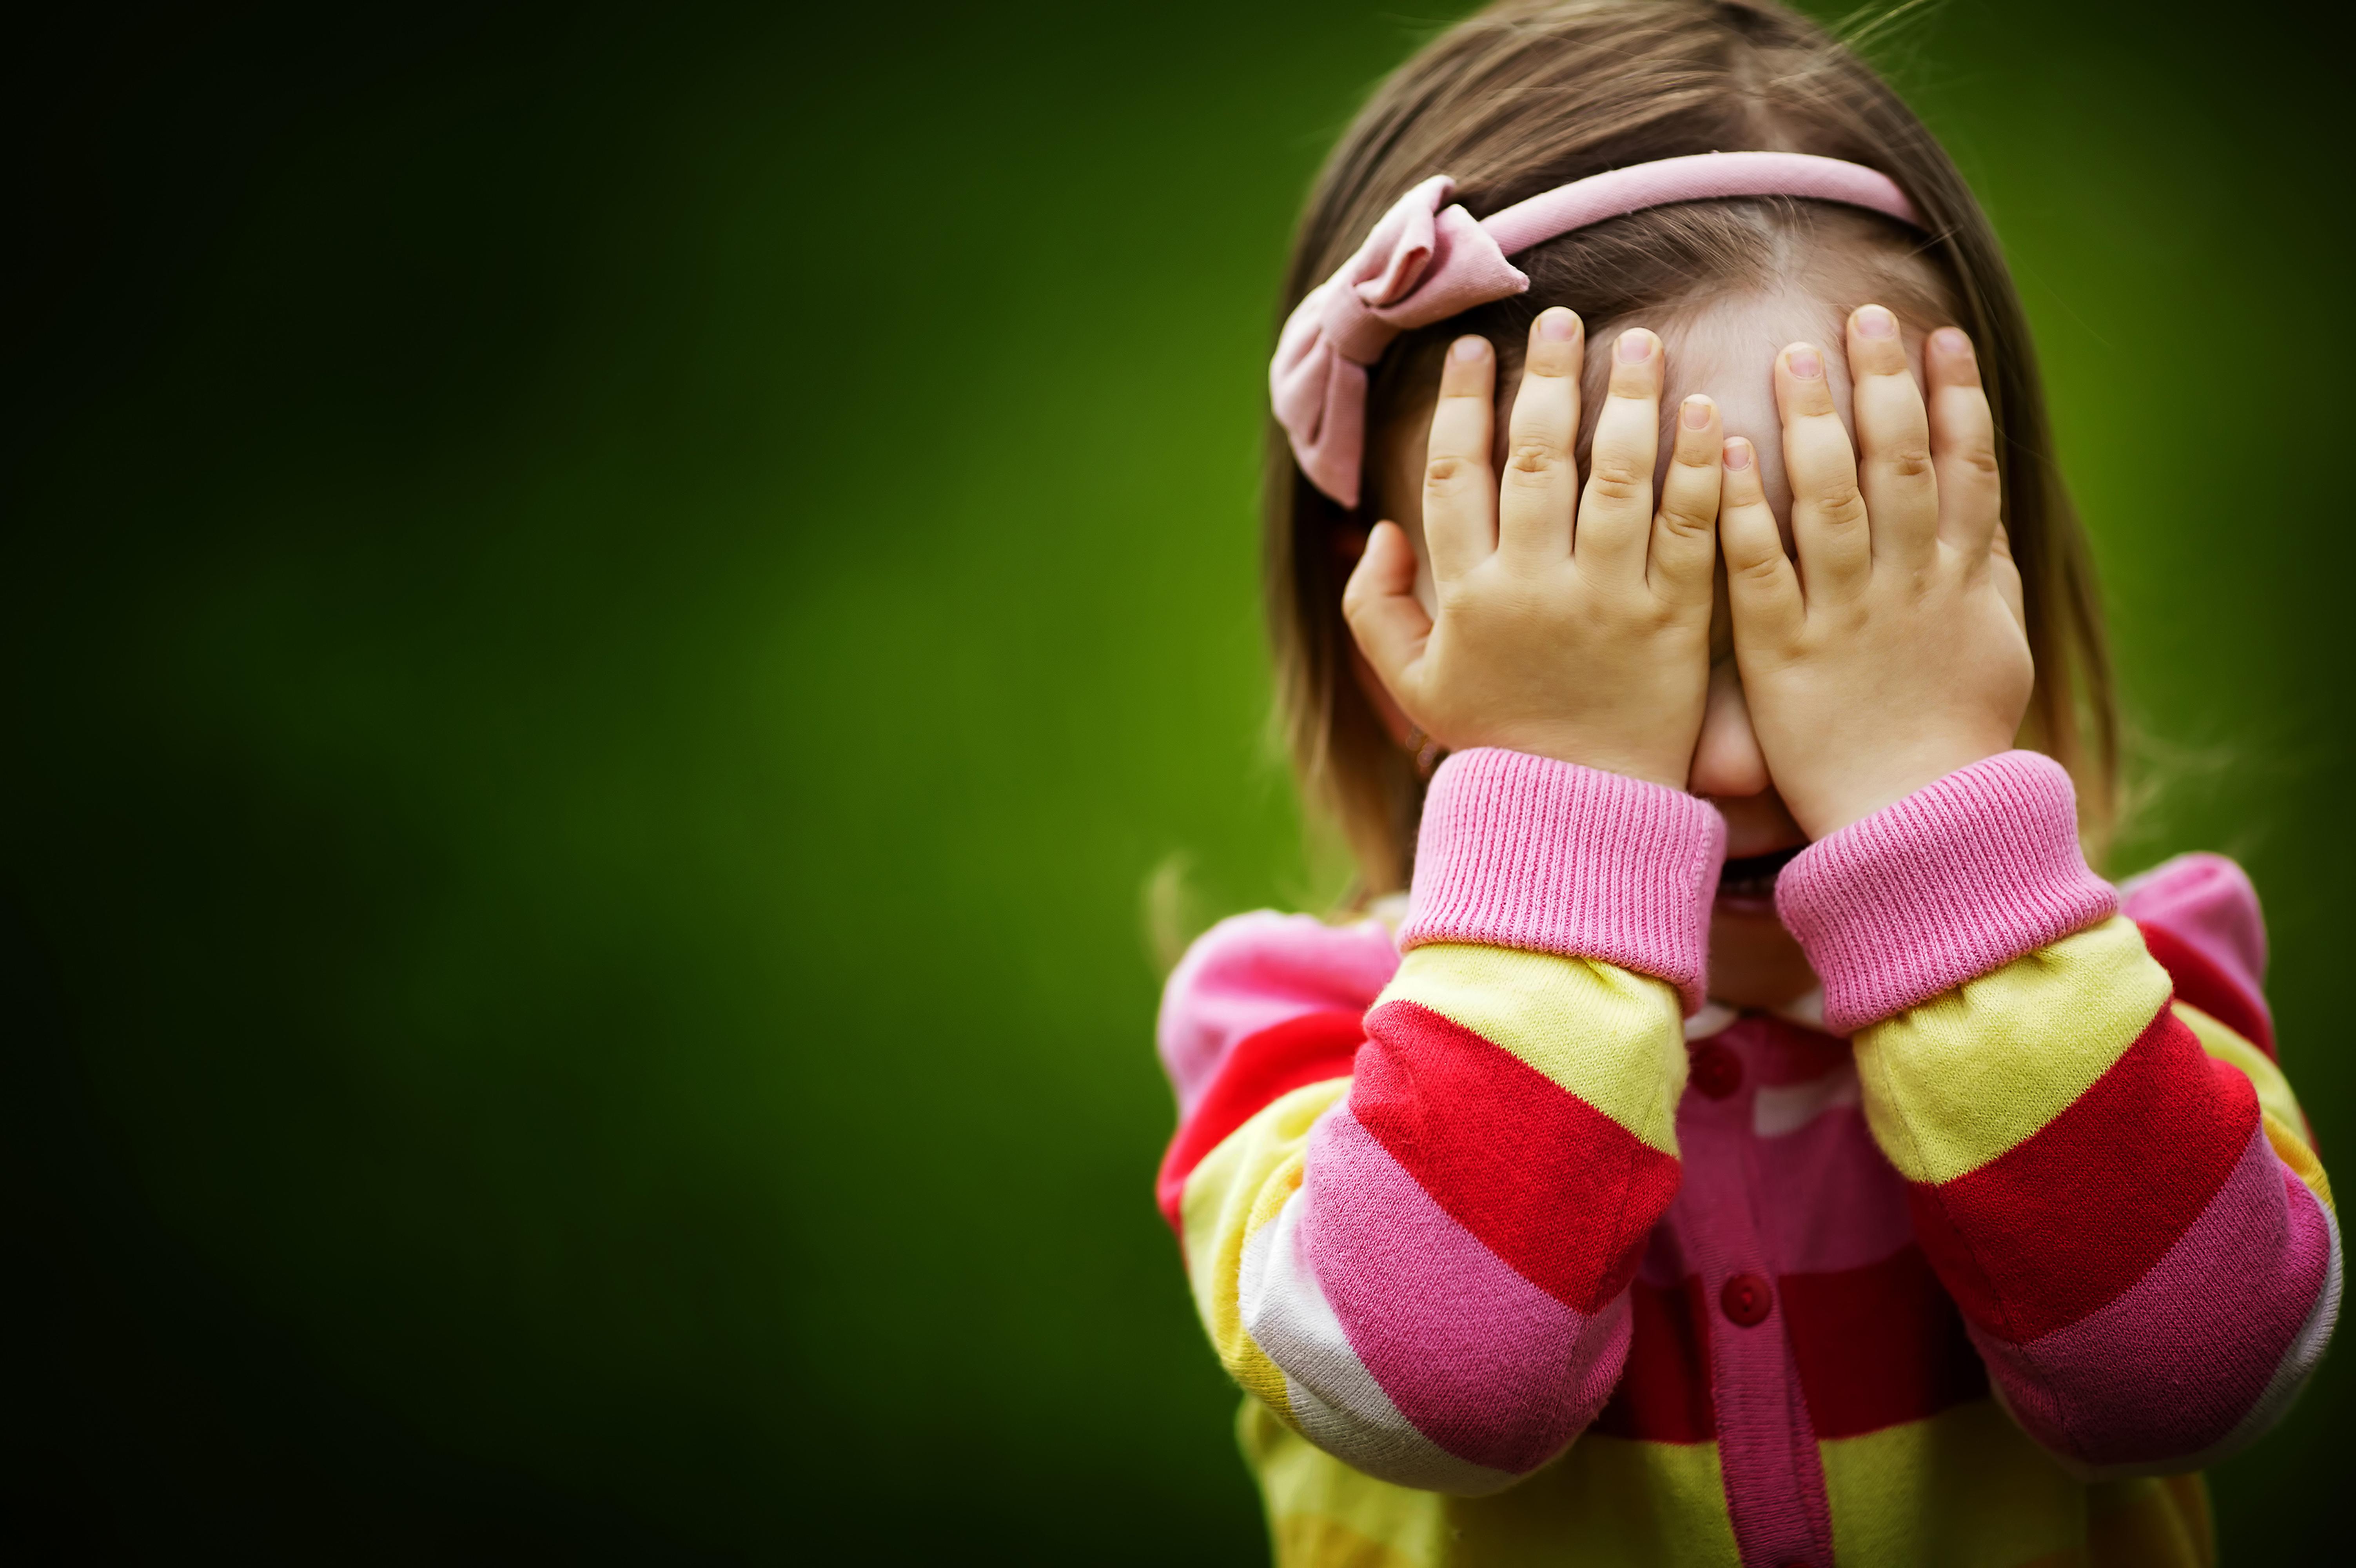 Qué ocurre con los niños que no obedecen